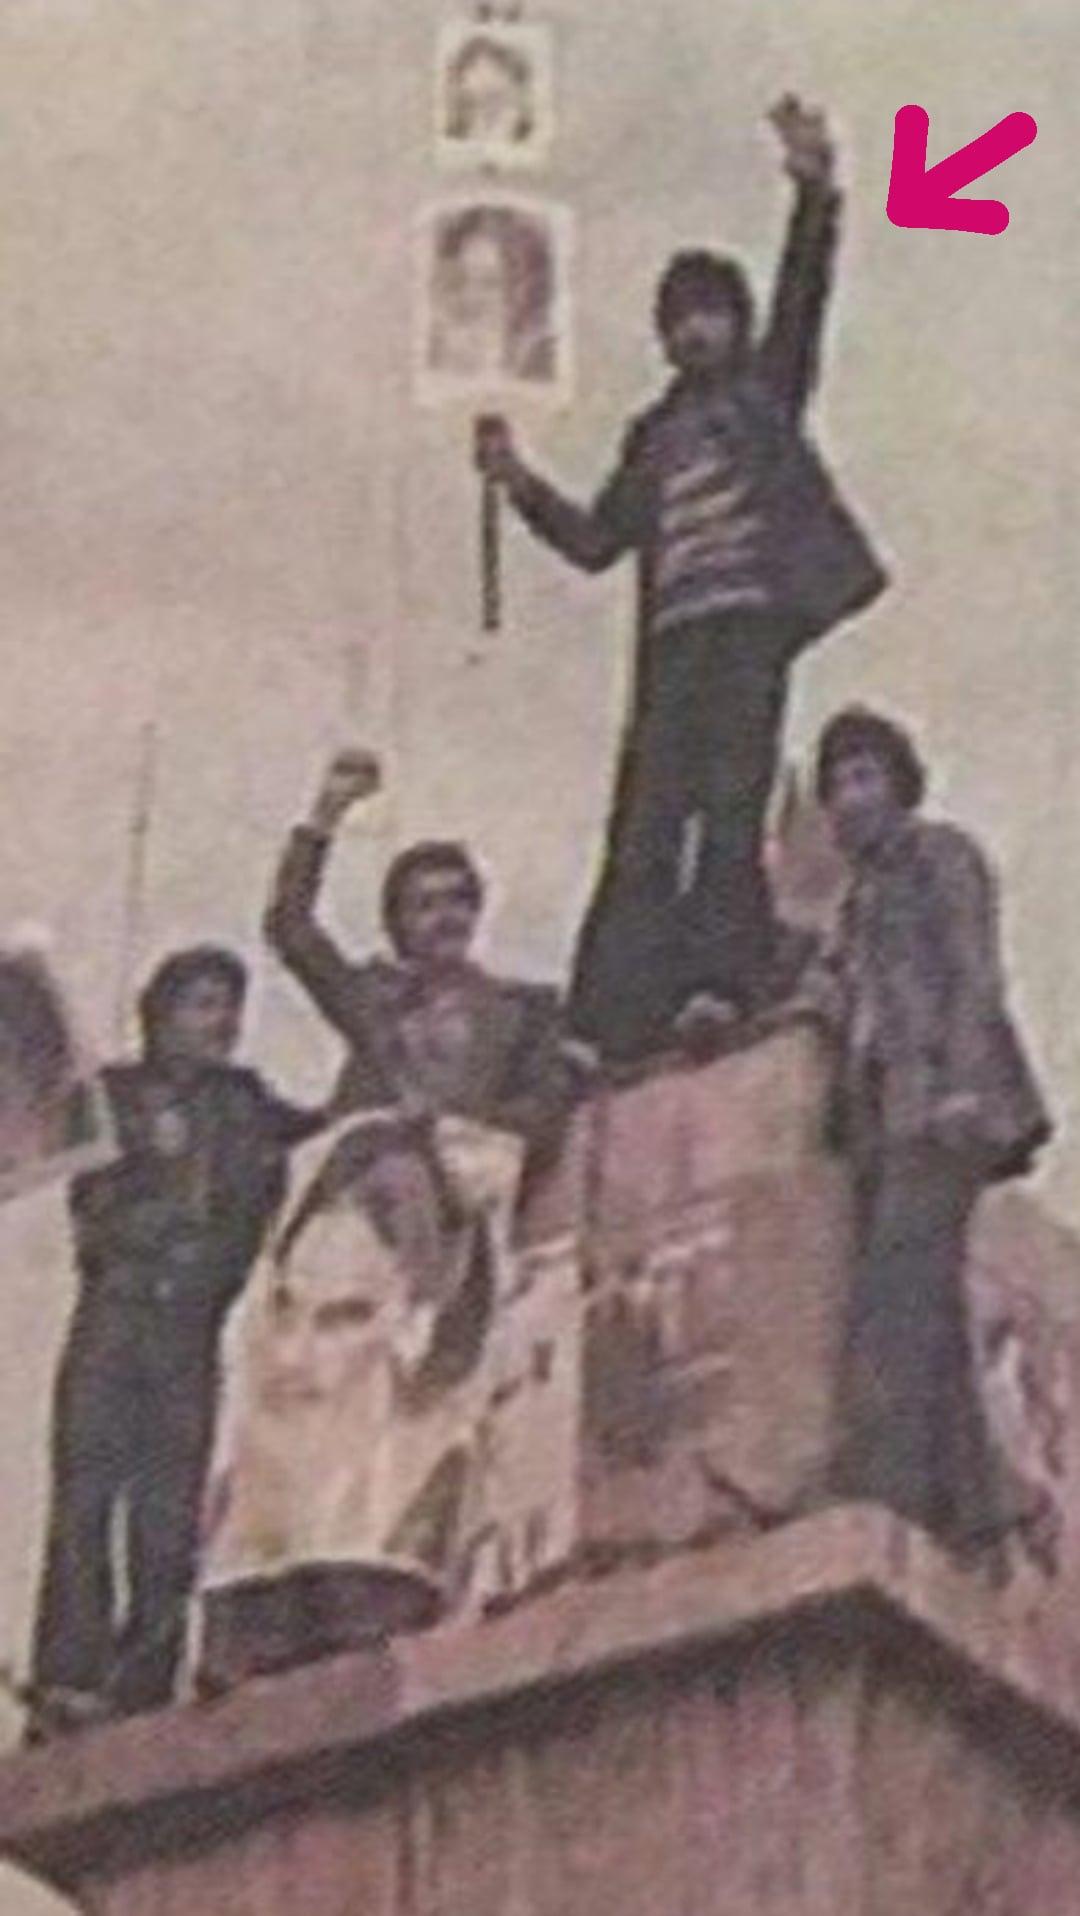 روایتی جذاب از کارگری که مجسمه شاه را تخریب کرد